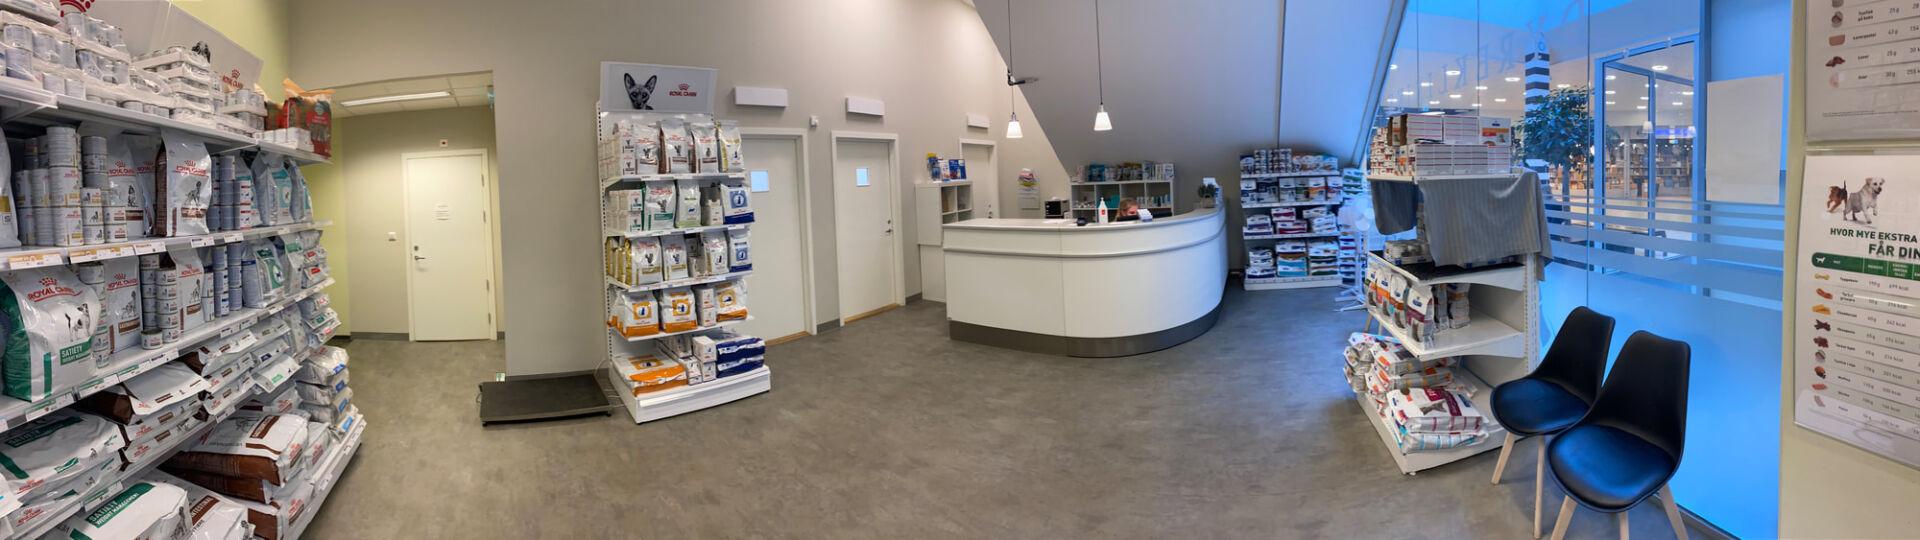 Resepsjonen hos Liertoppen Dyreklinikk. Hyller med dyremat og andre produkter, dører til konsultasjonsrom i bakkant.